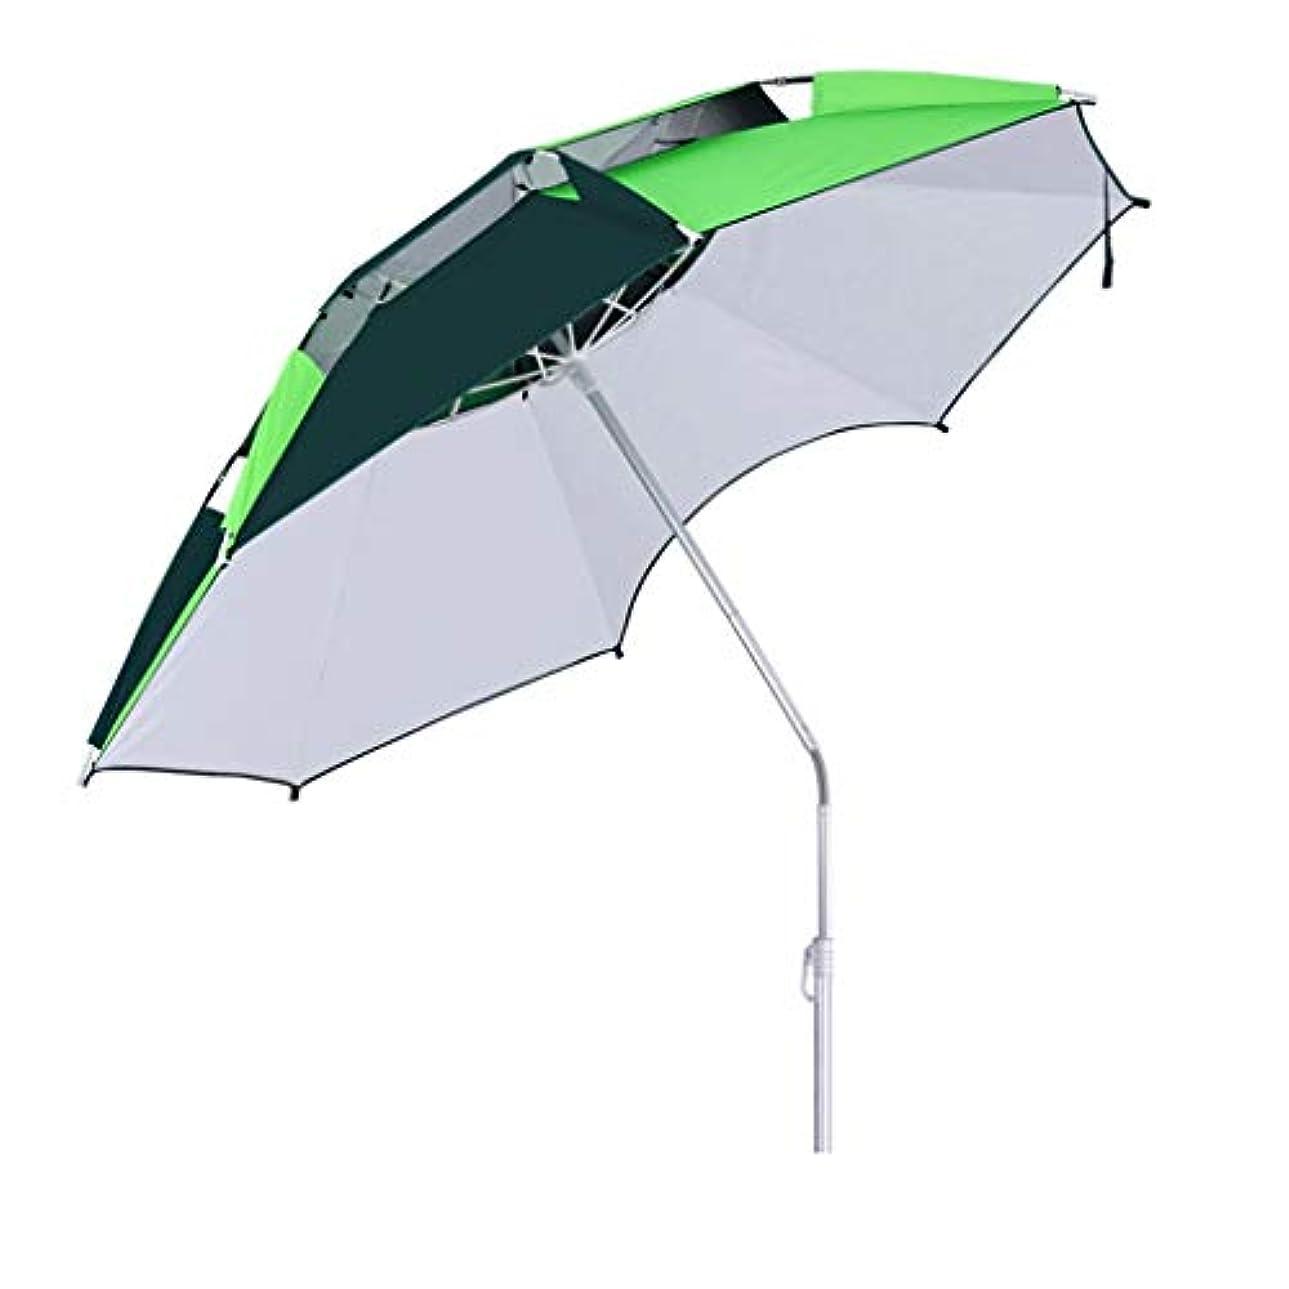 削除する創始者トリクル太陽傘アルミ合金オックスフォード回転日焼け止め雨折りたたみ傘屋外サンシェード傘 (サイズ さいず : Arc degree2.2m)